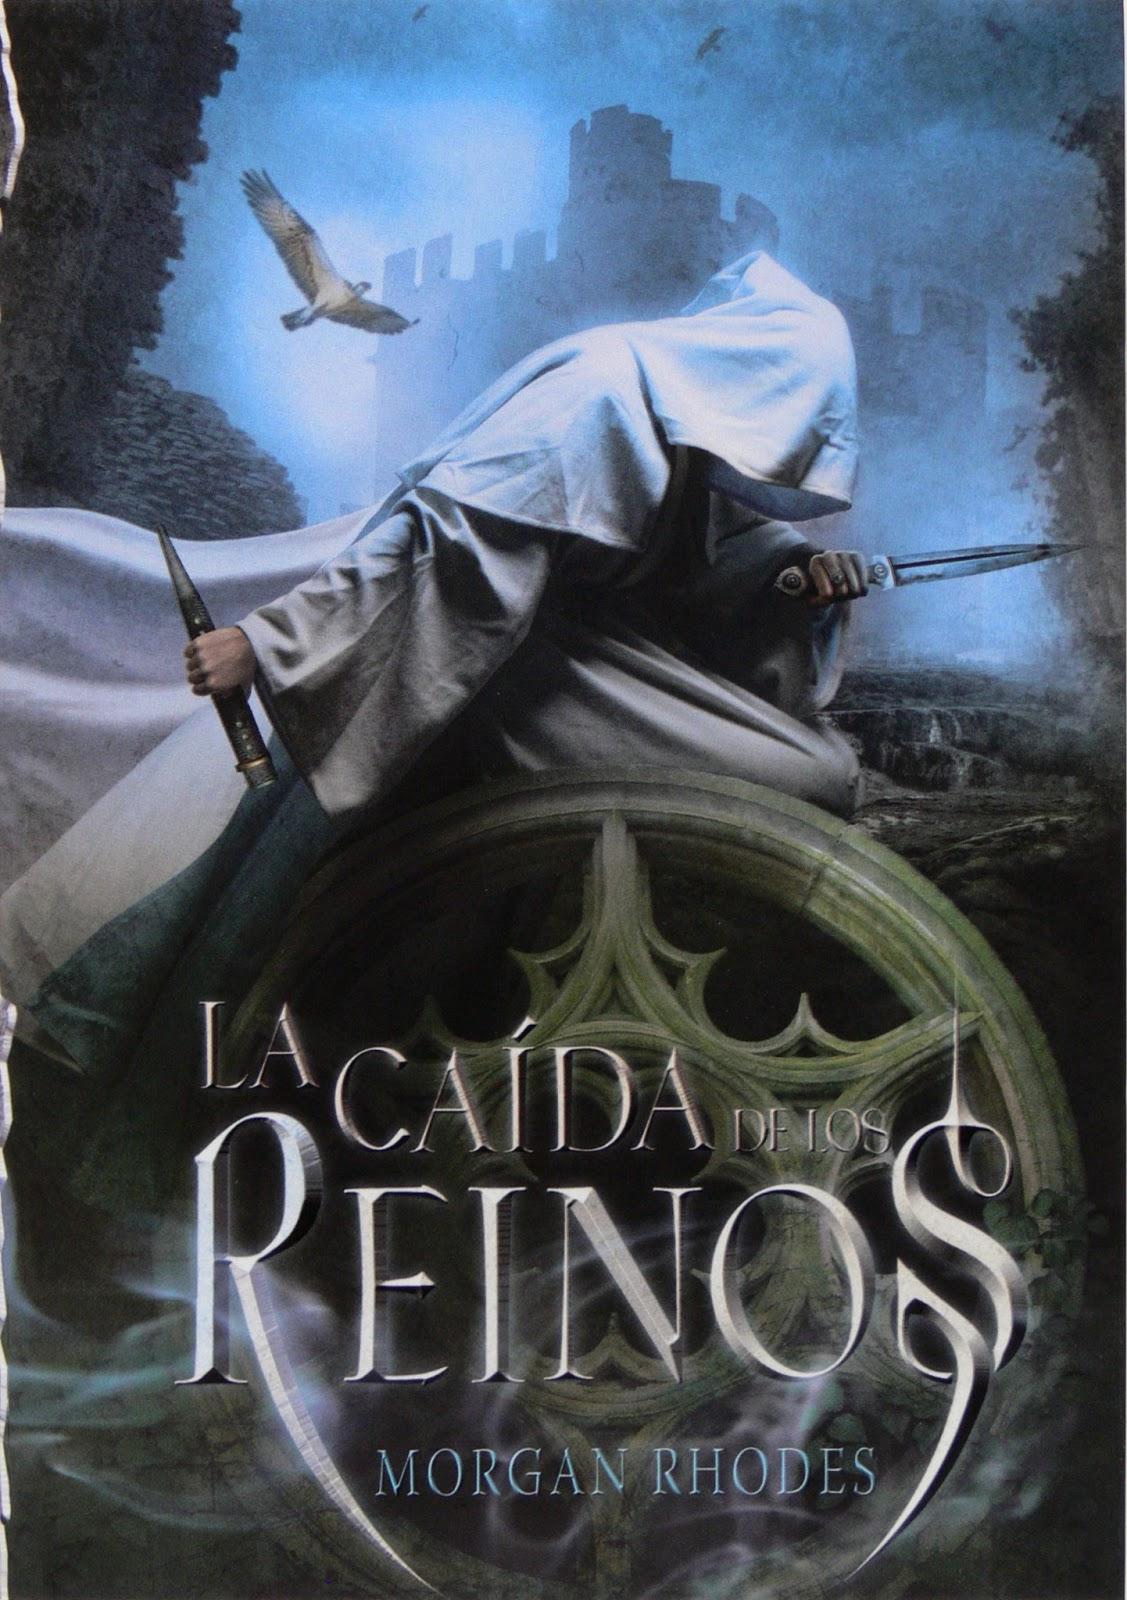 la-caida-de-los-reinos-morgan-rhodes-book-tag-de-las-influencias-literatura-opinion-nominaciones-interesantes-blogs-blogger